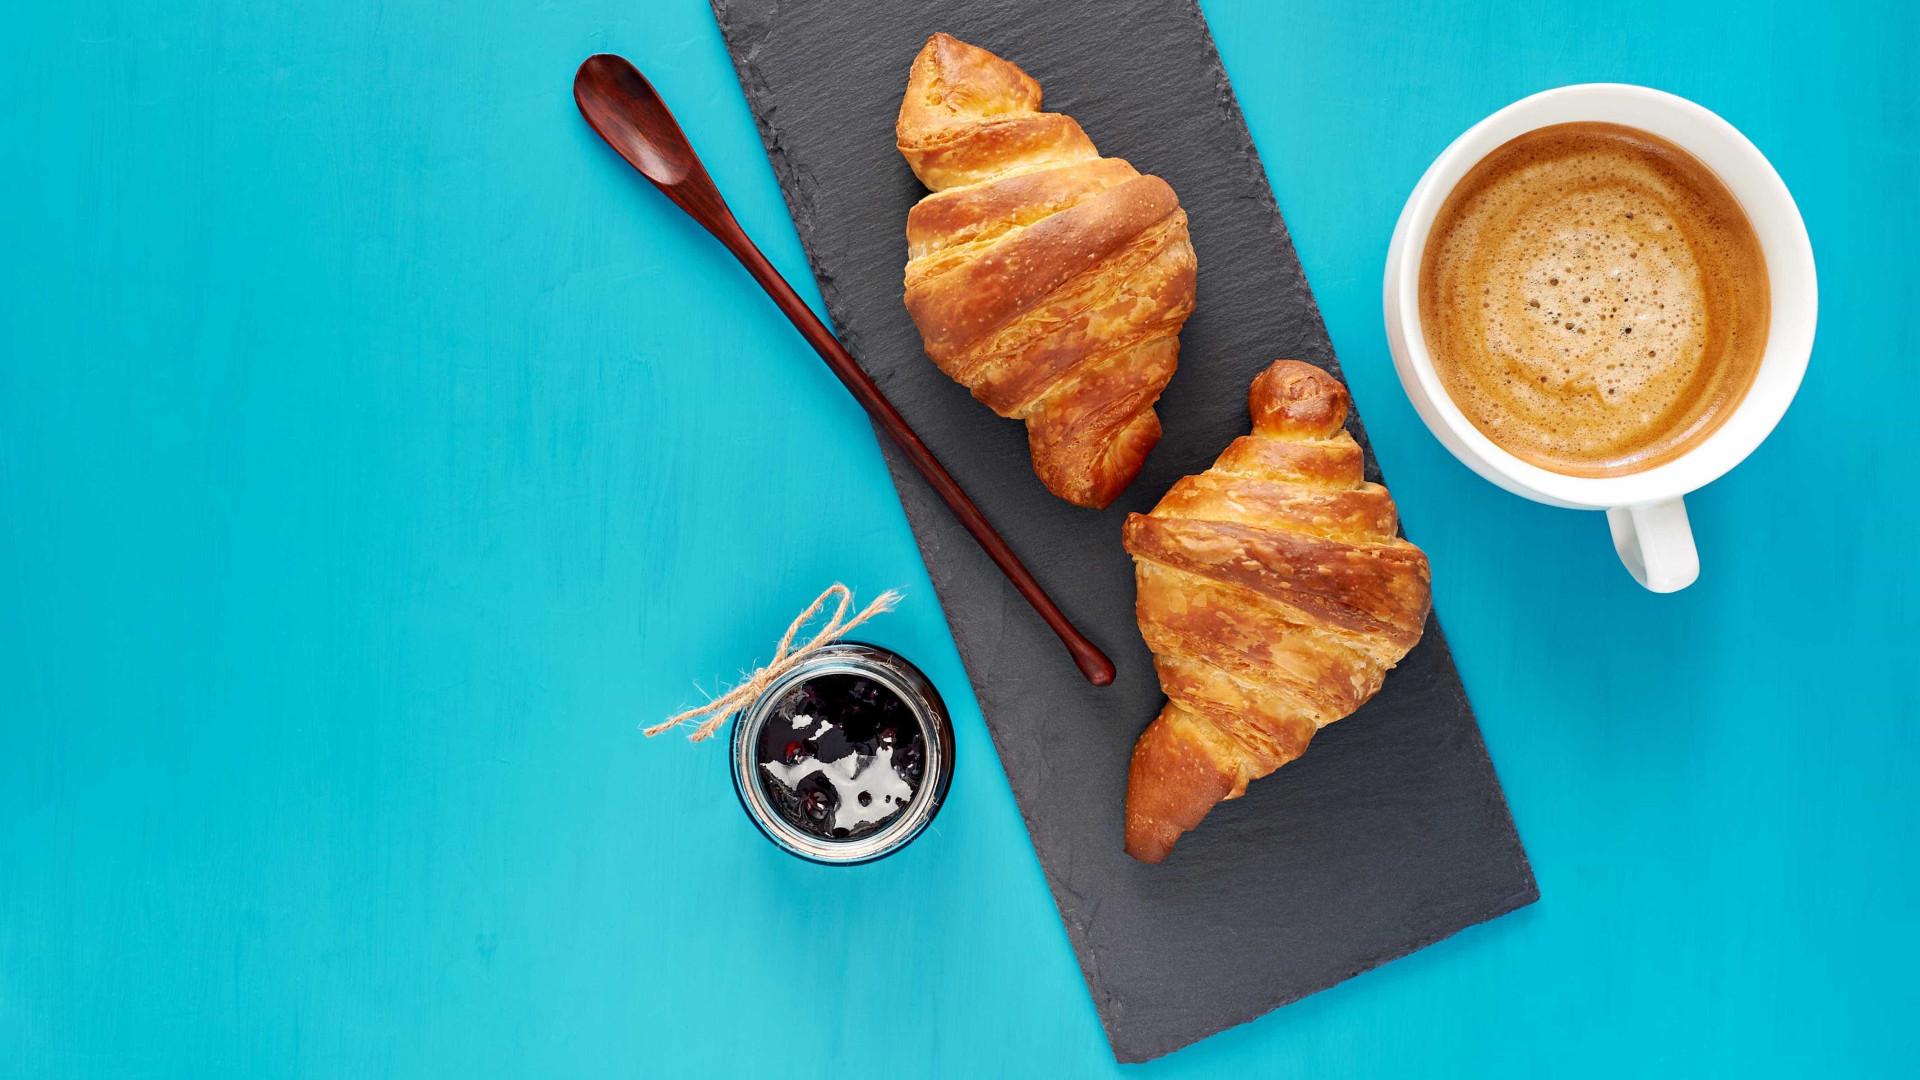 Nesta padaria de Nova Iorque, os croissants são de 'outro planeta'